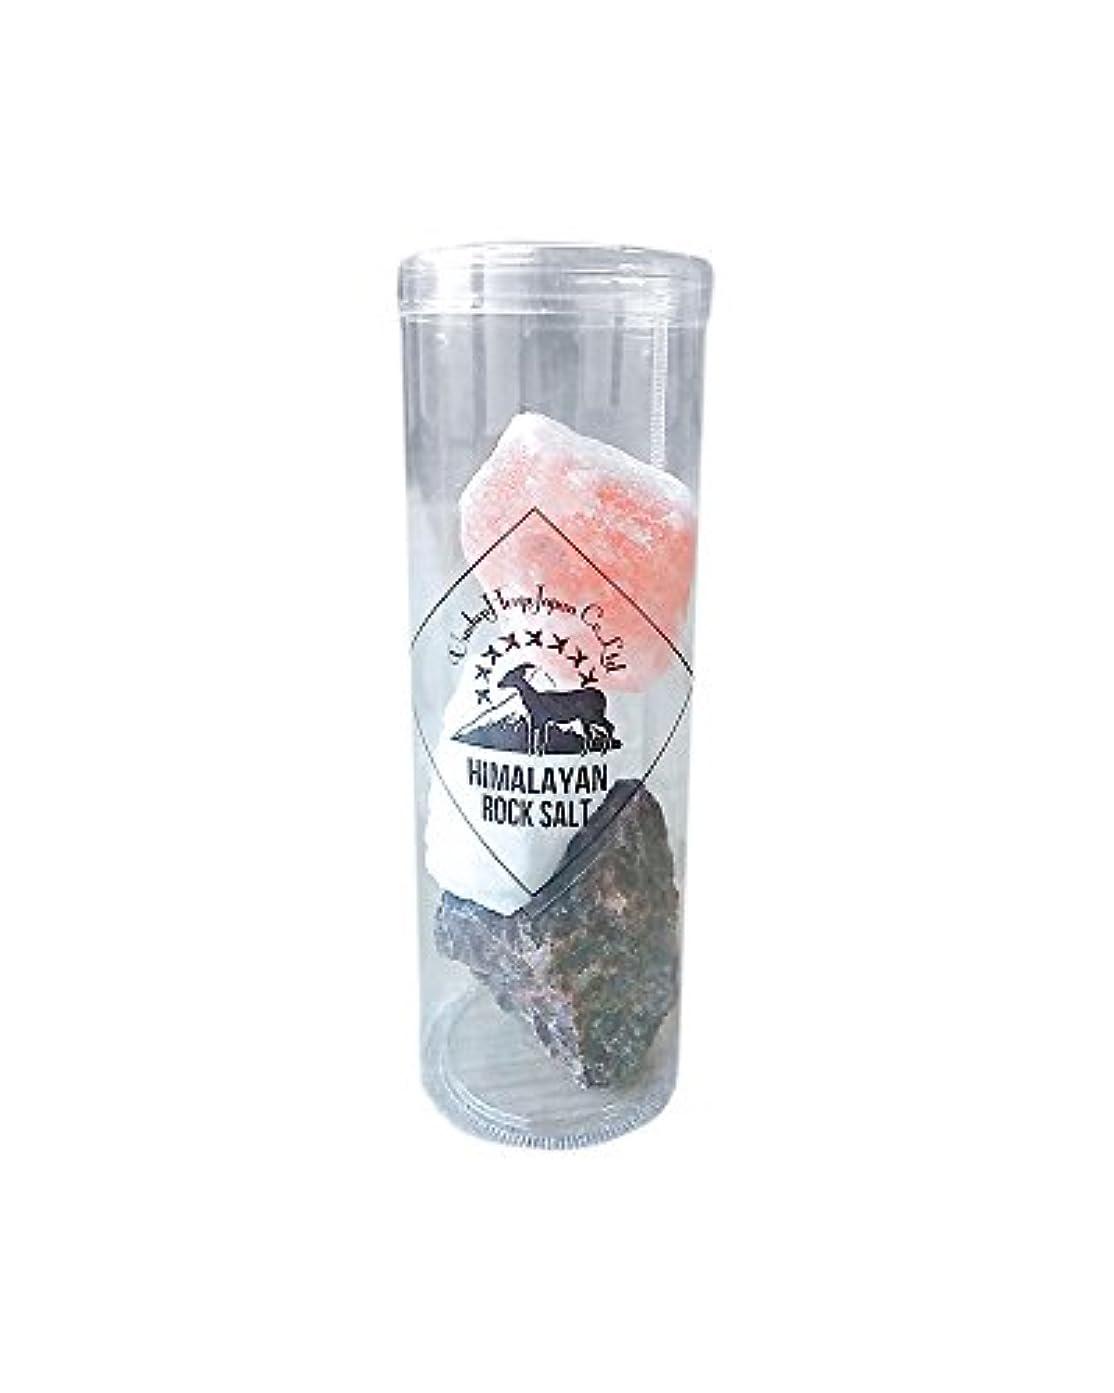 クレーングリースメンテナンスヒマラヤ岩塩 バスソルト ミックス 3~4個 オーガンジー袋付き